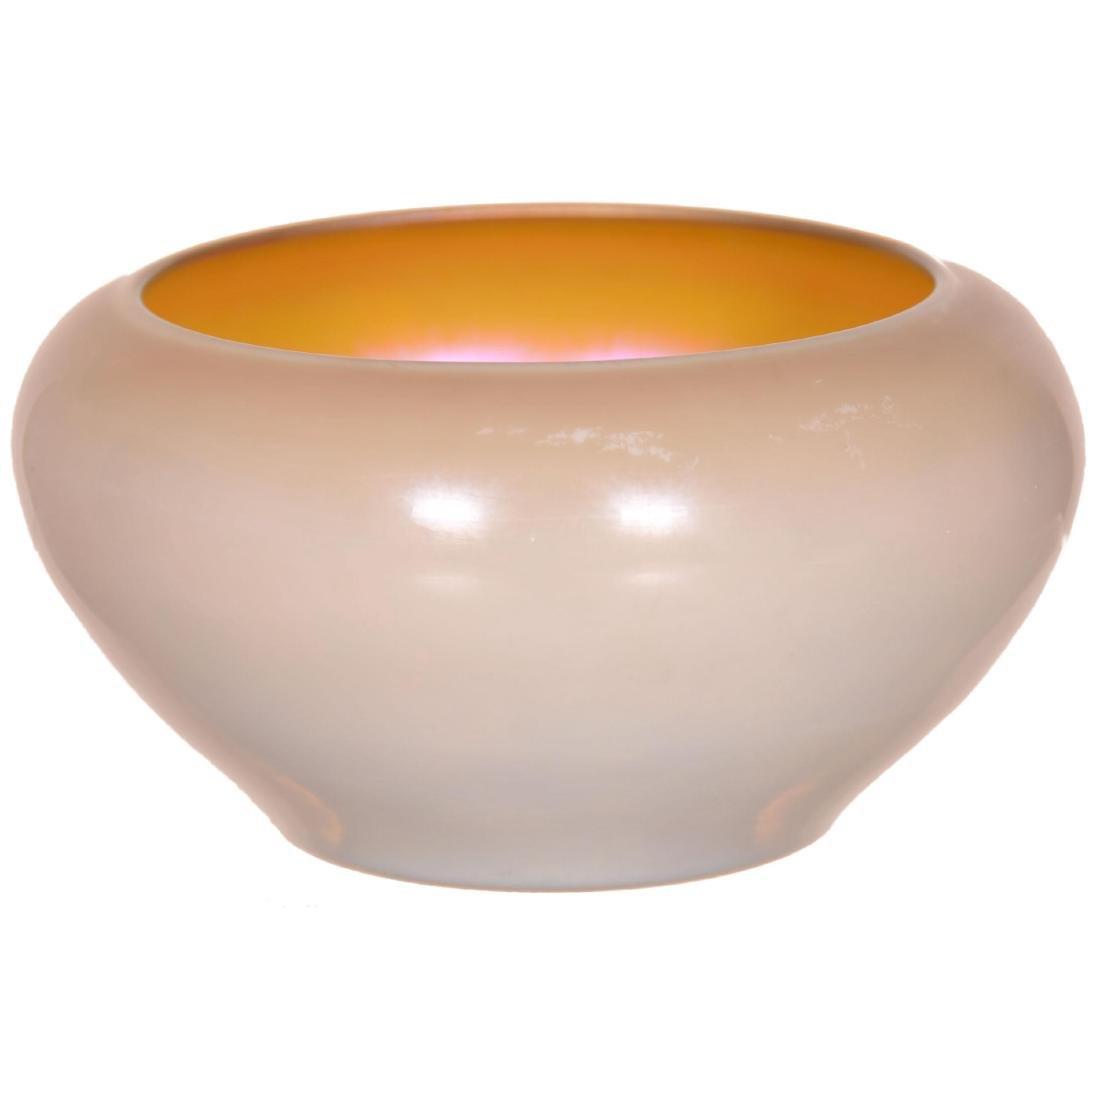 Steuben Art Glass Bowl